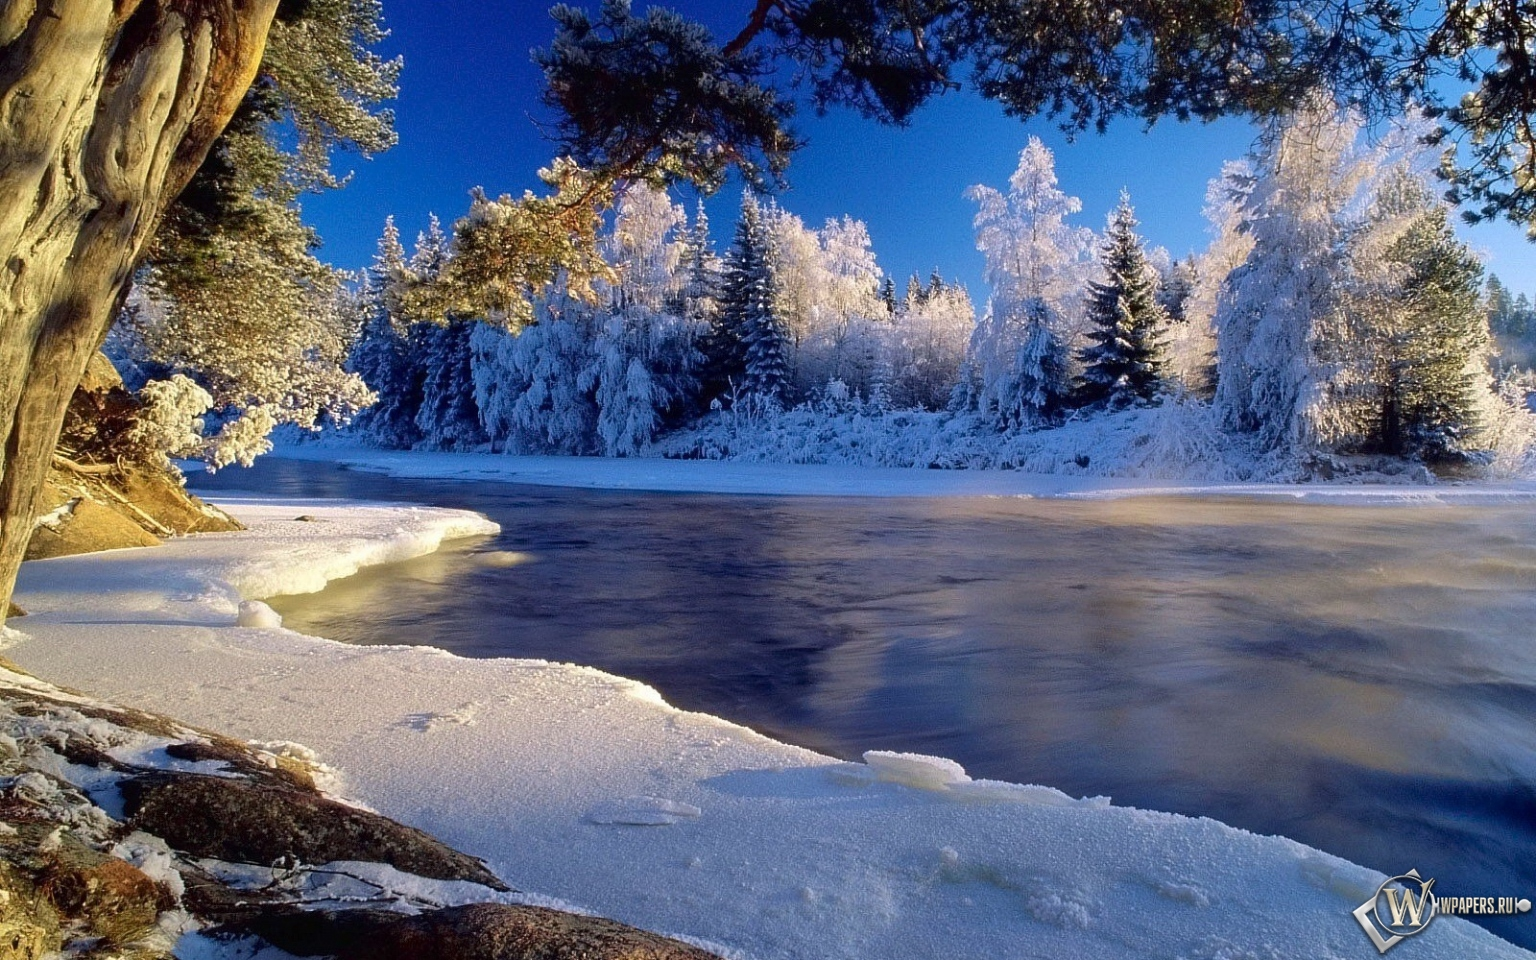 Зима лёд иней холод 1536x960 картинки